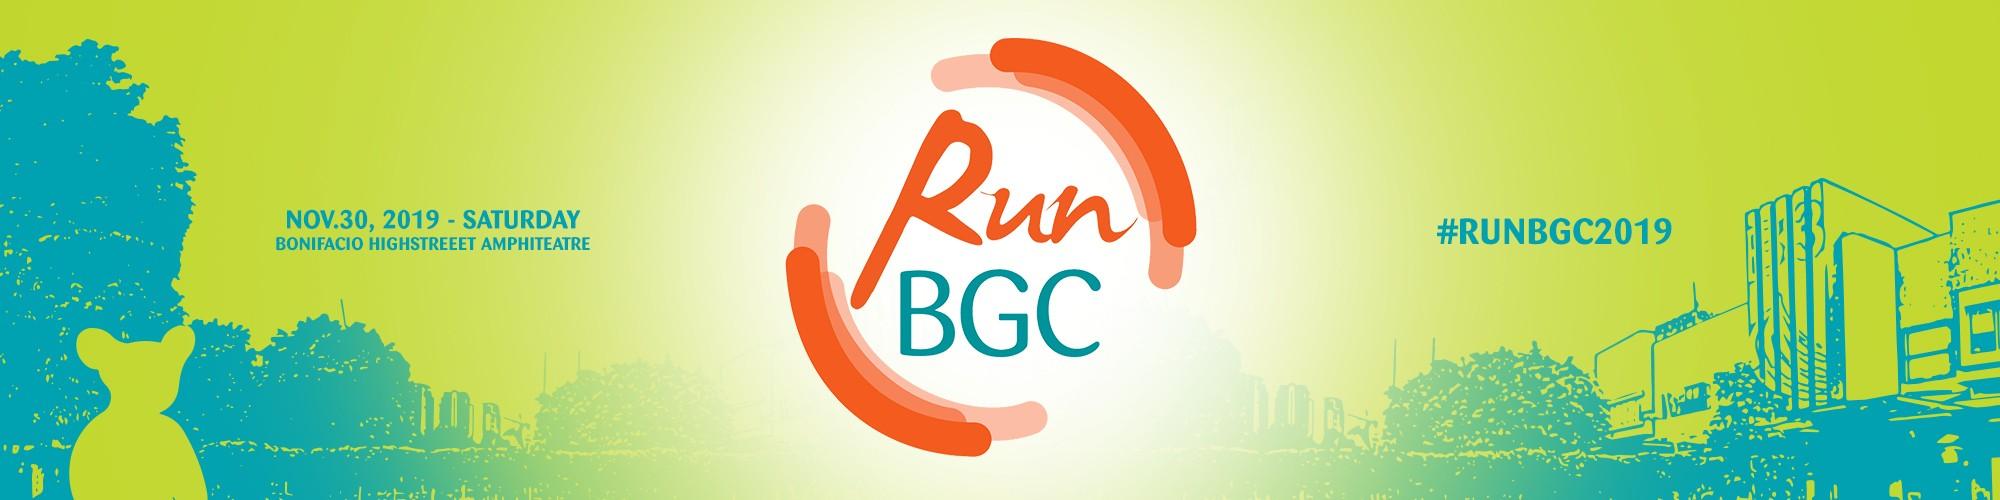 BGC RUN 2019